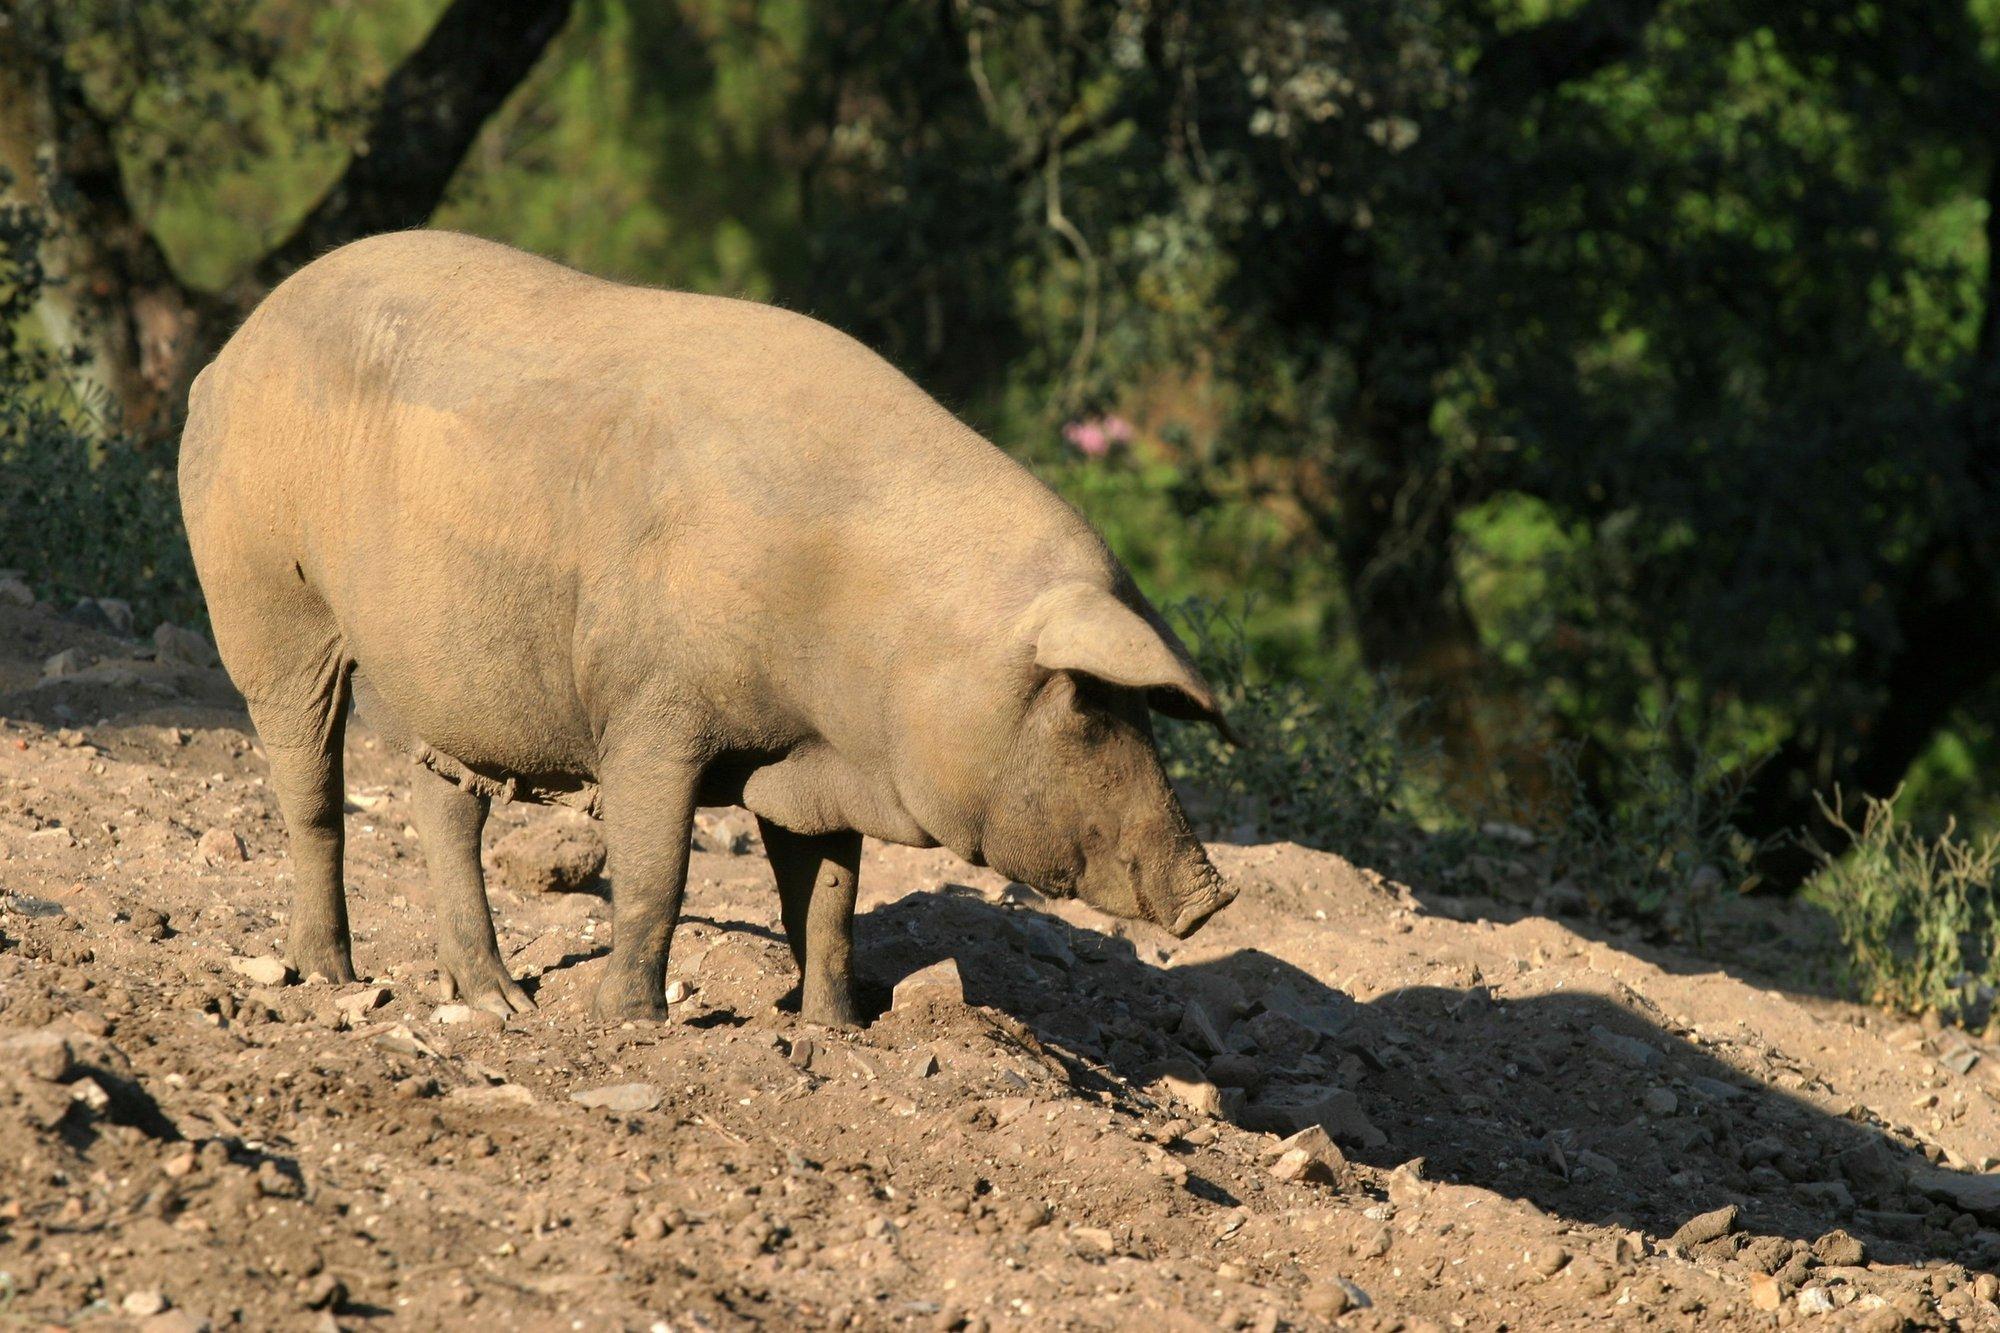 El Consejo Regulador de »Dehesa de Extremadura» establece las fechas topes de sacrificio de cerdos de bellota y recebo